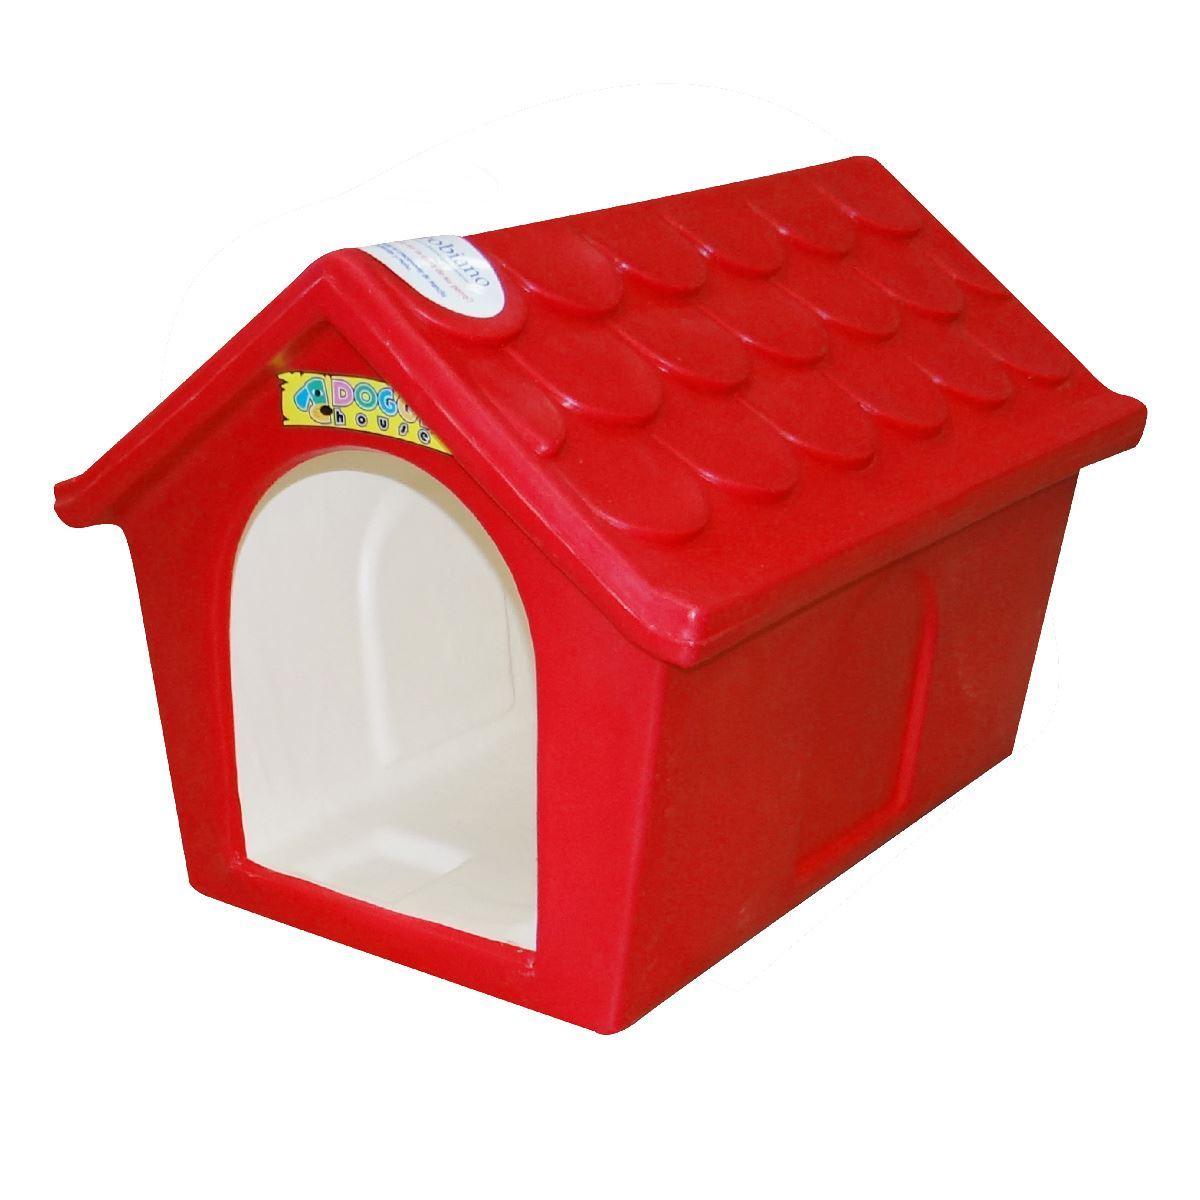 Casa para perro clásica pequeña doggy house rojo  - Sanborns